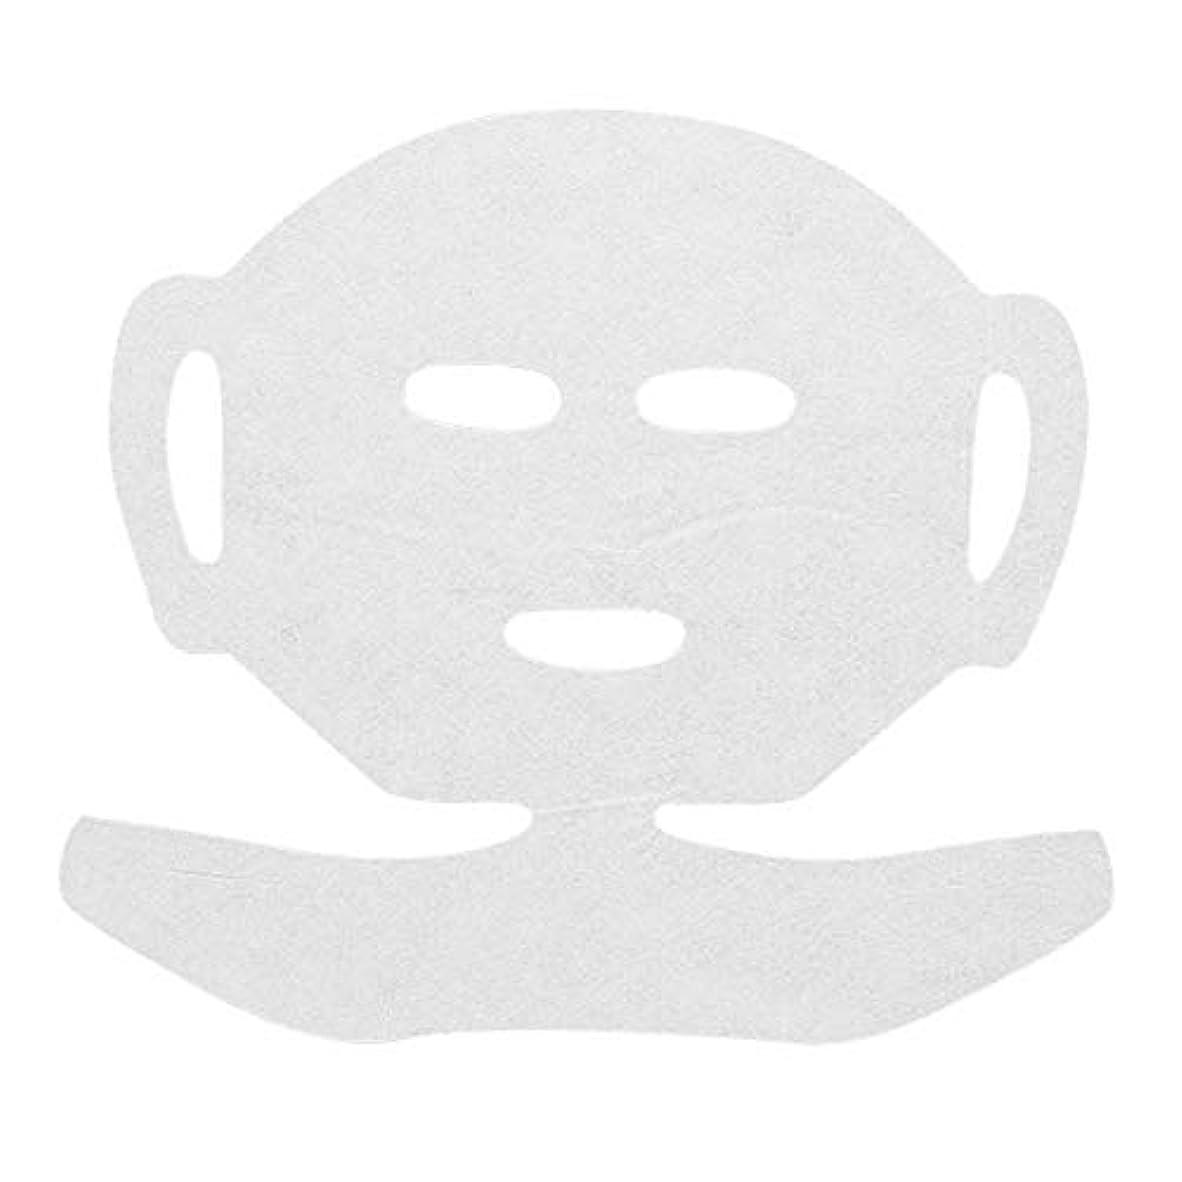 インセンティブ傷跡接続詞高保水 フェイシャルシート (マスクタイプネック付き 化粧水無し) 80枚 29×20cm [ フェイスマスク フェイスシート フェイスパック フェイシャルマスク シートマスク フェイシャルシート フェイシャルパック ローションマスク...